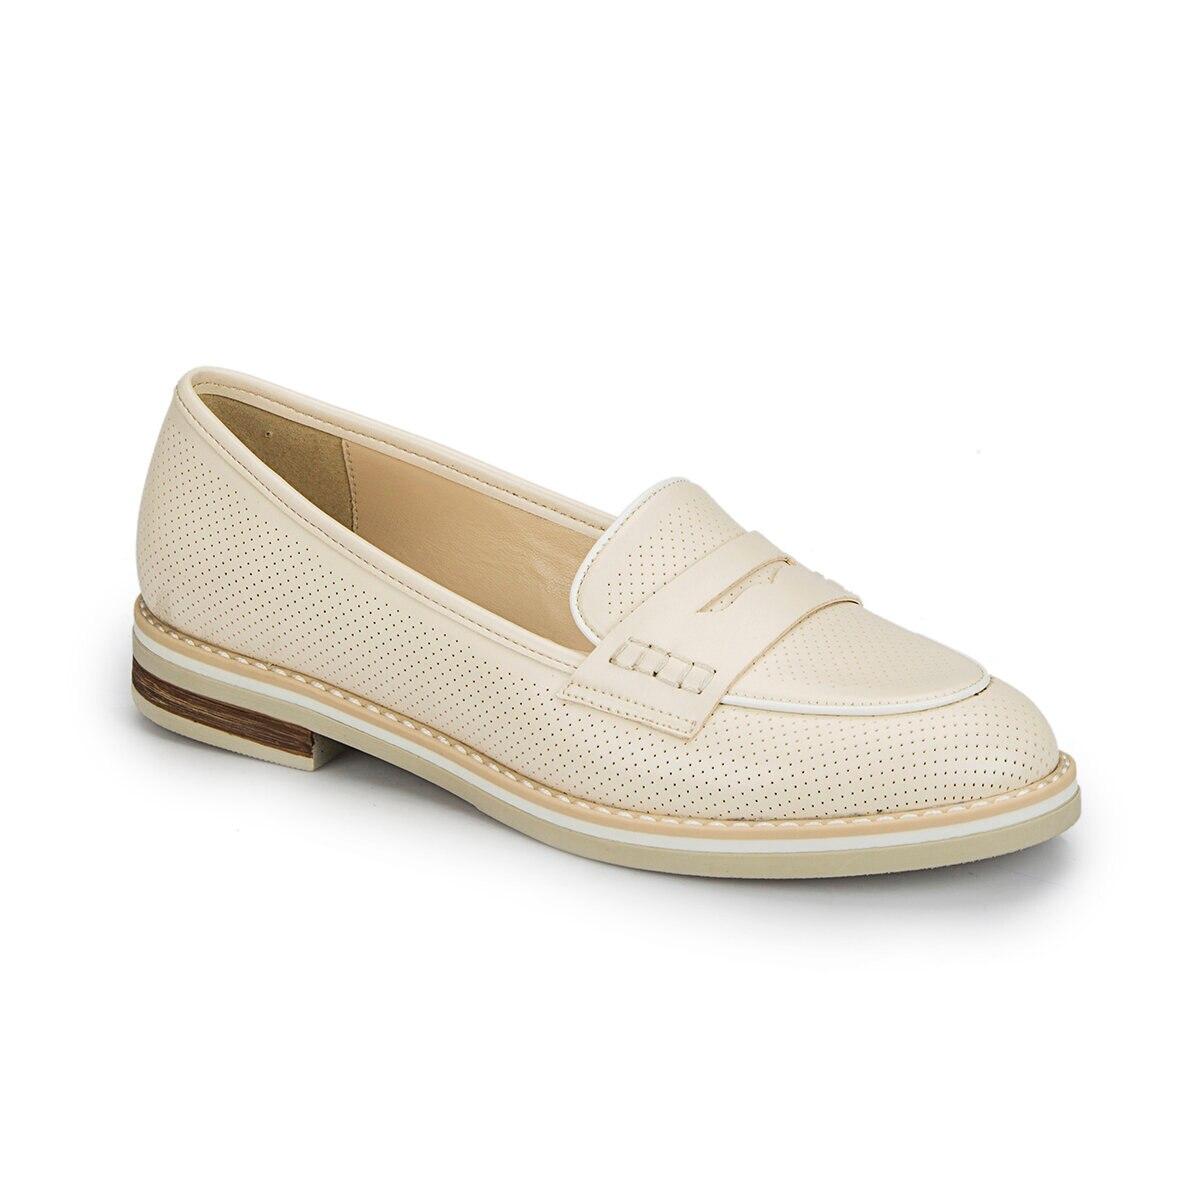 FLO 81. 311370.Z Beige Women 'S Shoes Polaris